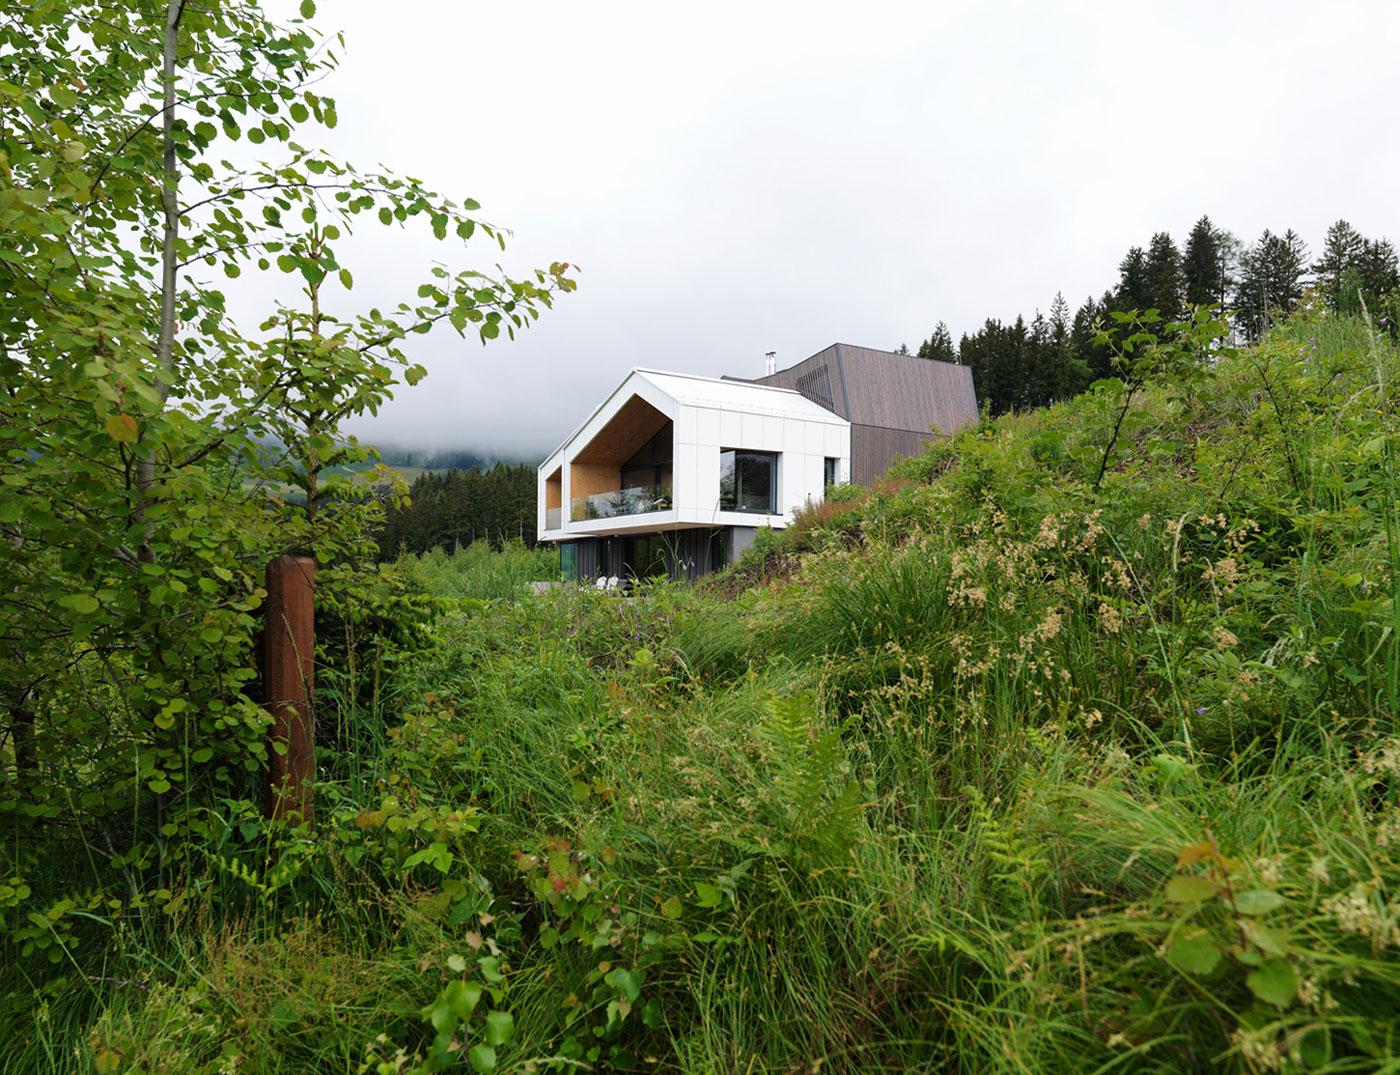 Kitzbuehel Mountain View House by SoNo arhitekti-02